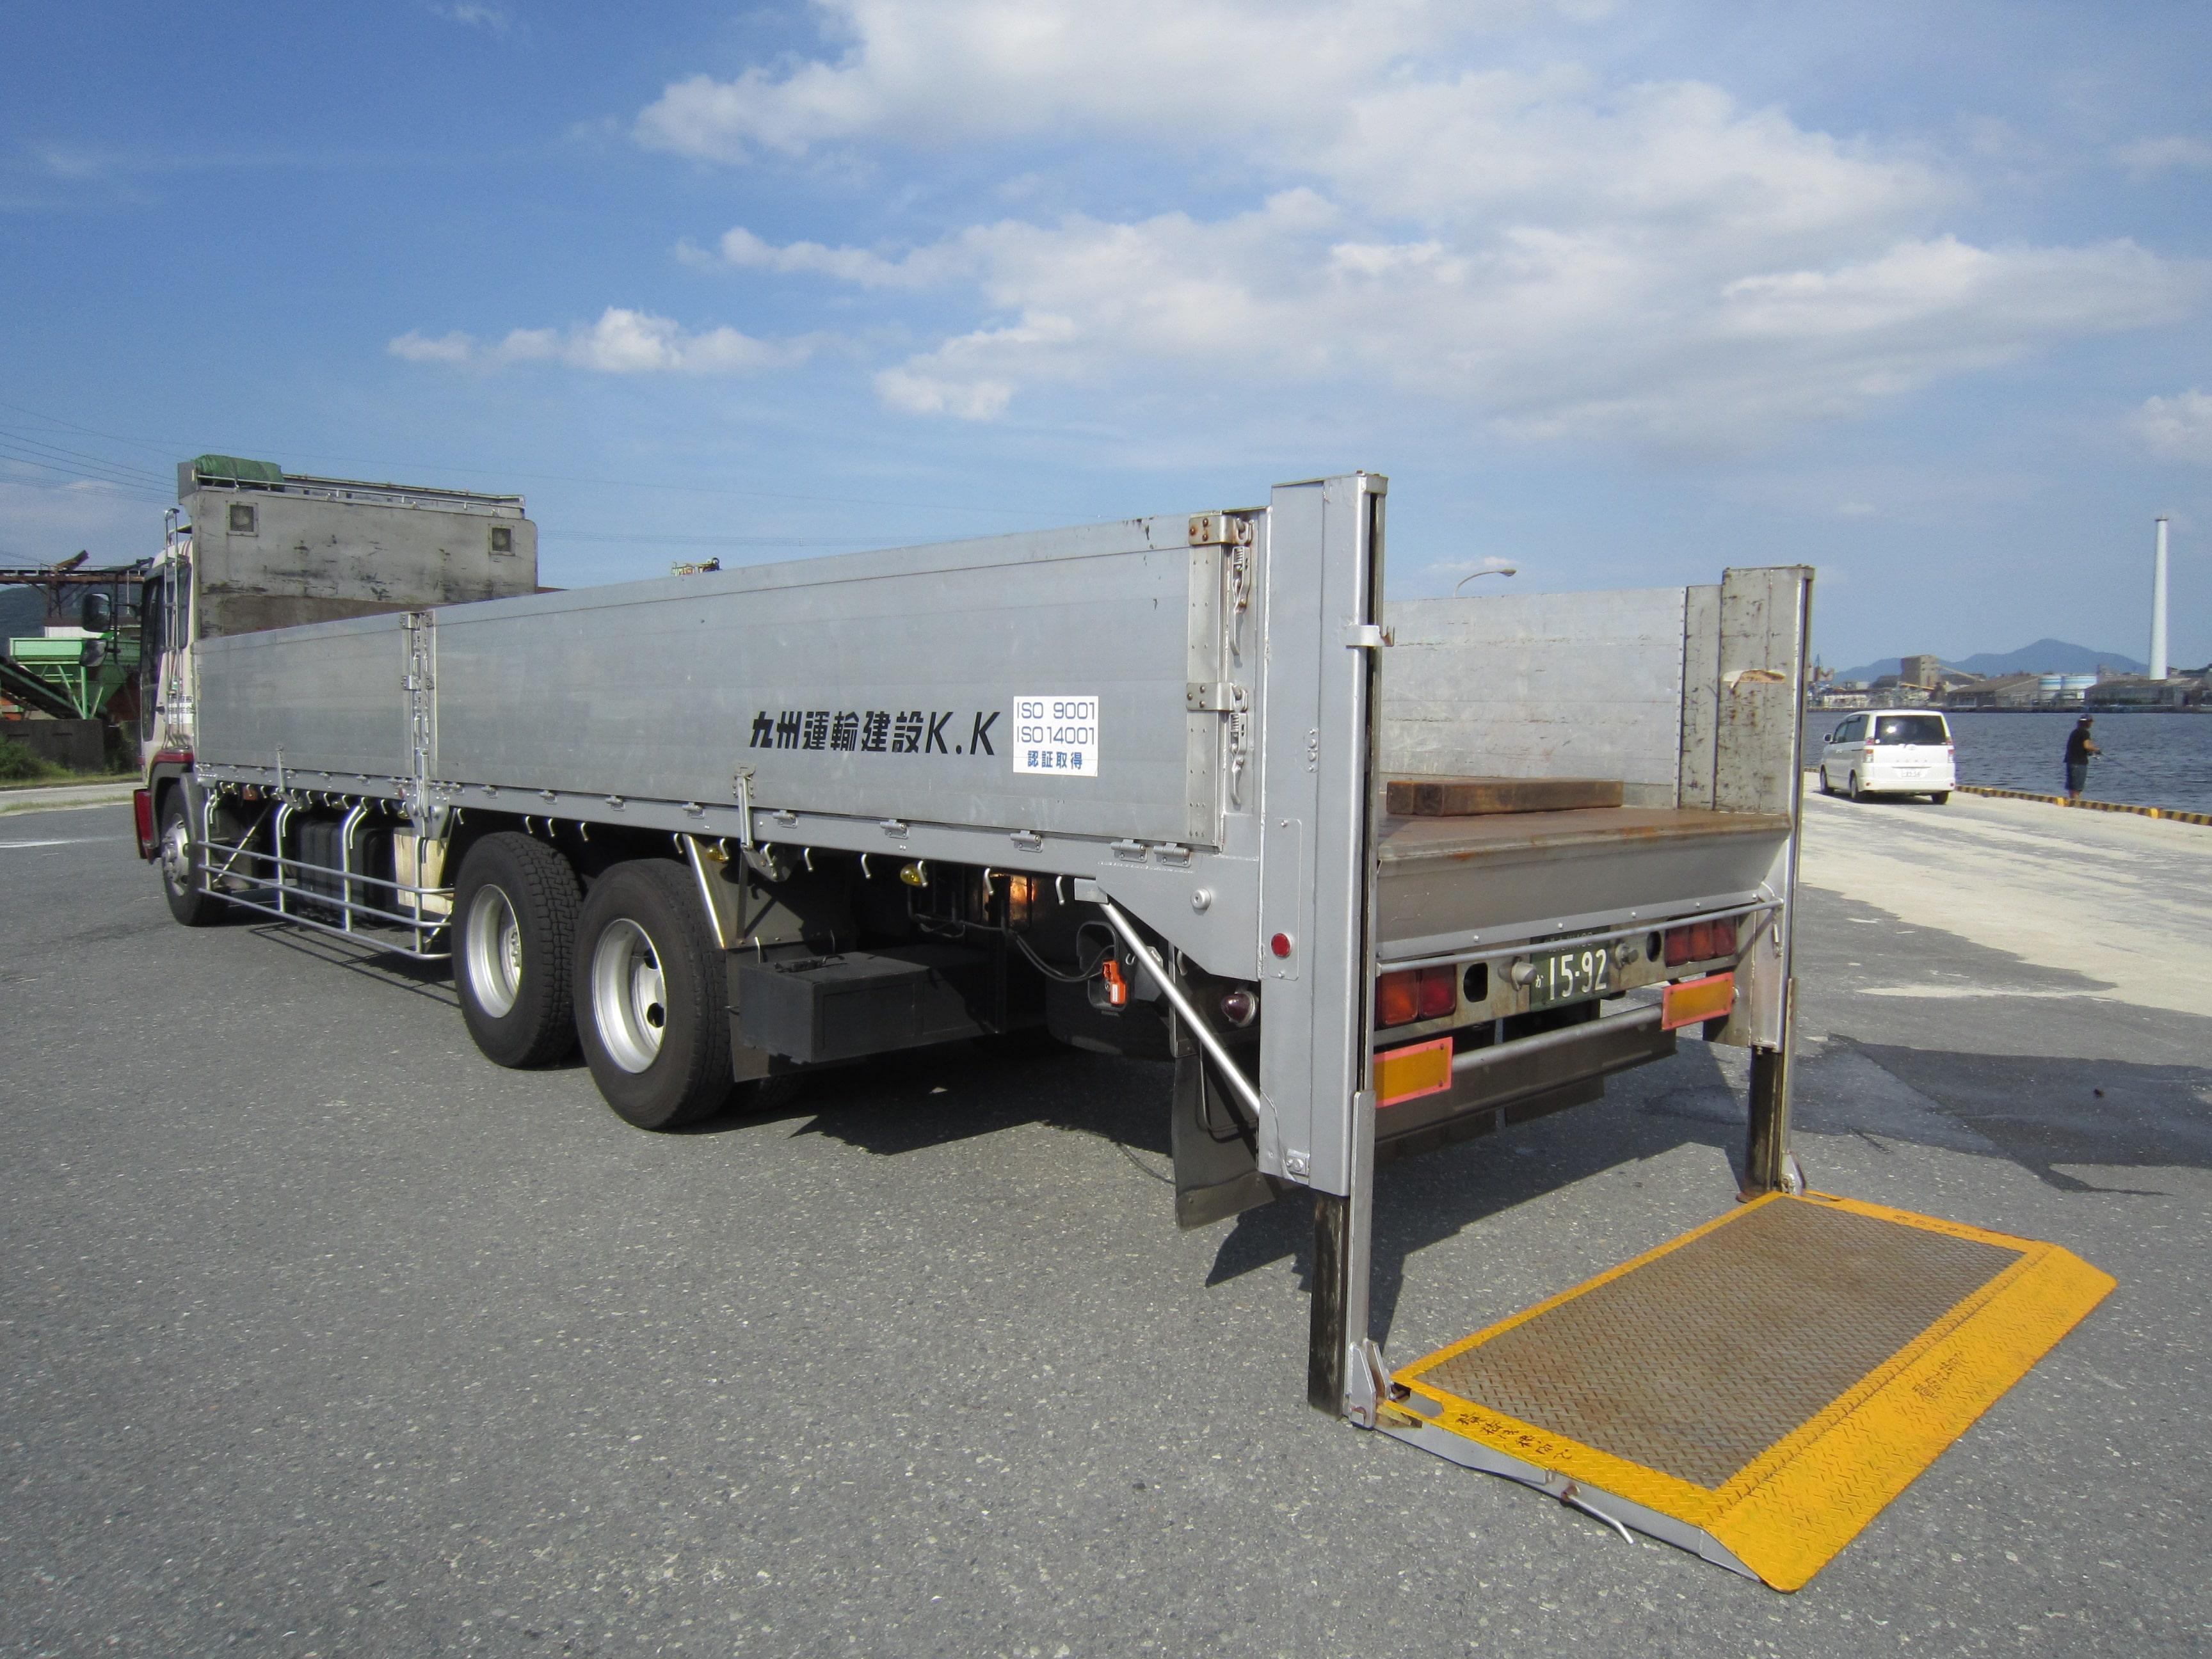 大・中・小型パワーゲート|産業廃棄物収集運搬|九州運輸建設株式会社|北九州市